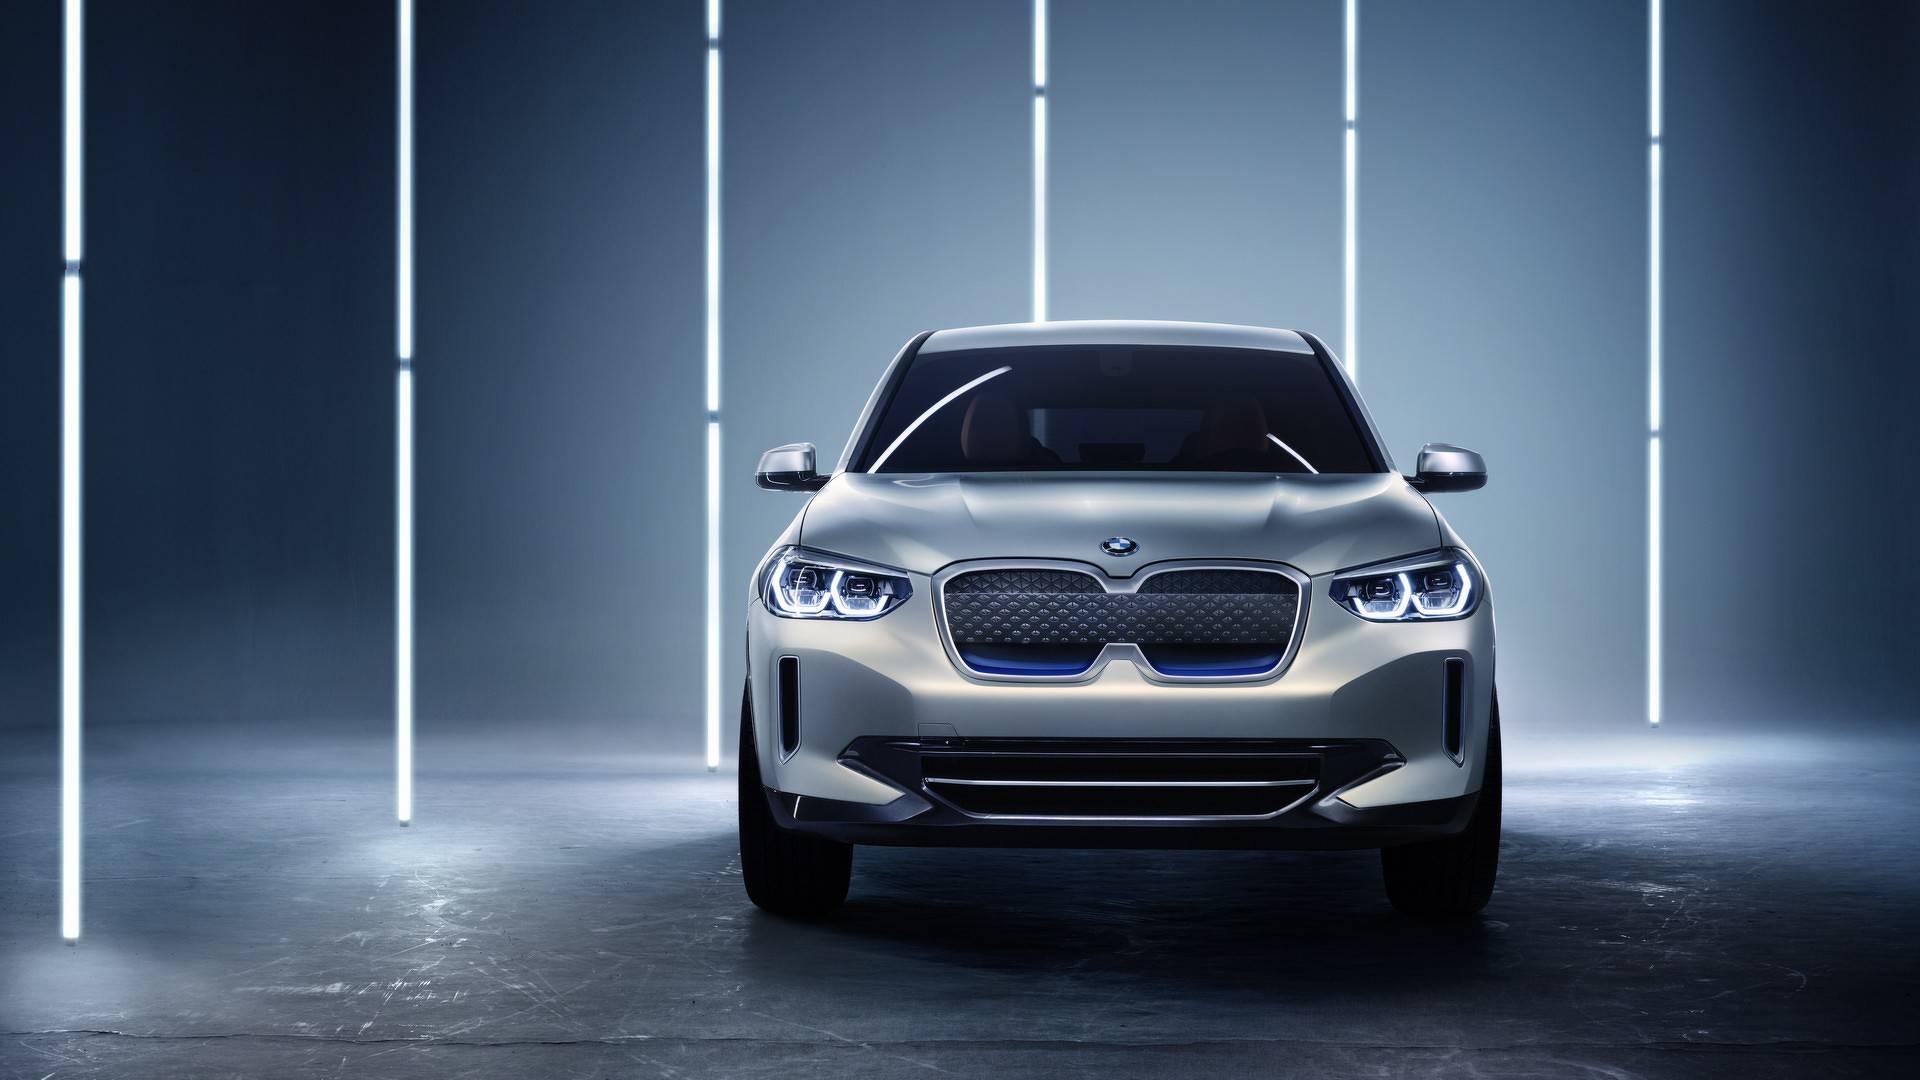 BMW Concept iX3: anticipando un futuro muy cercano